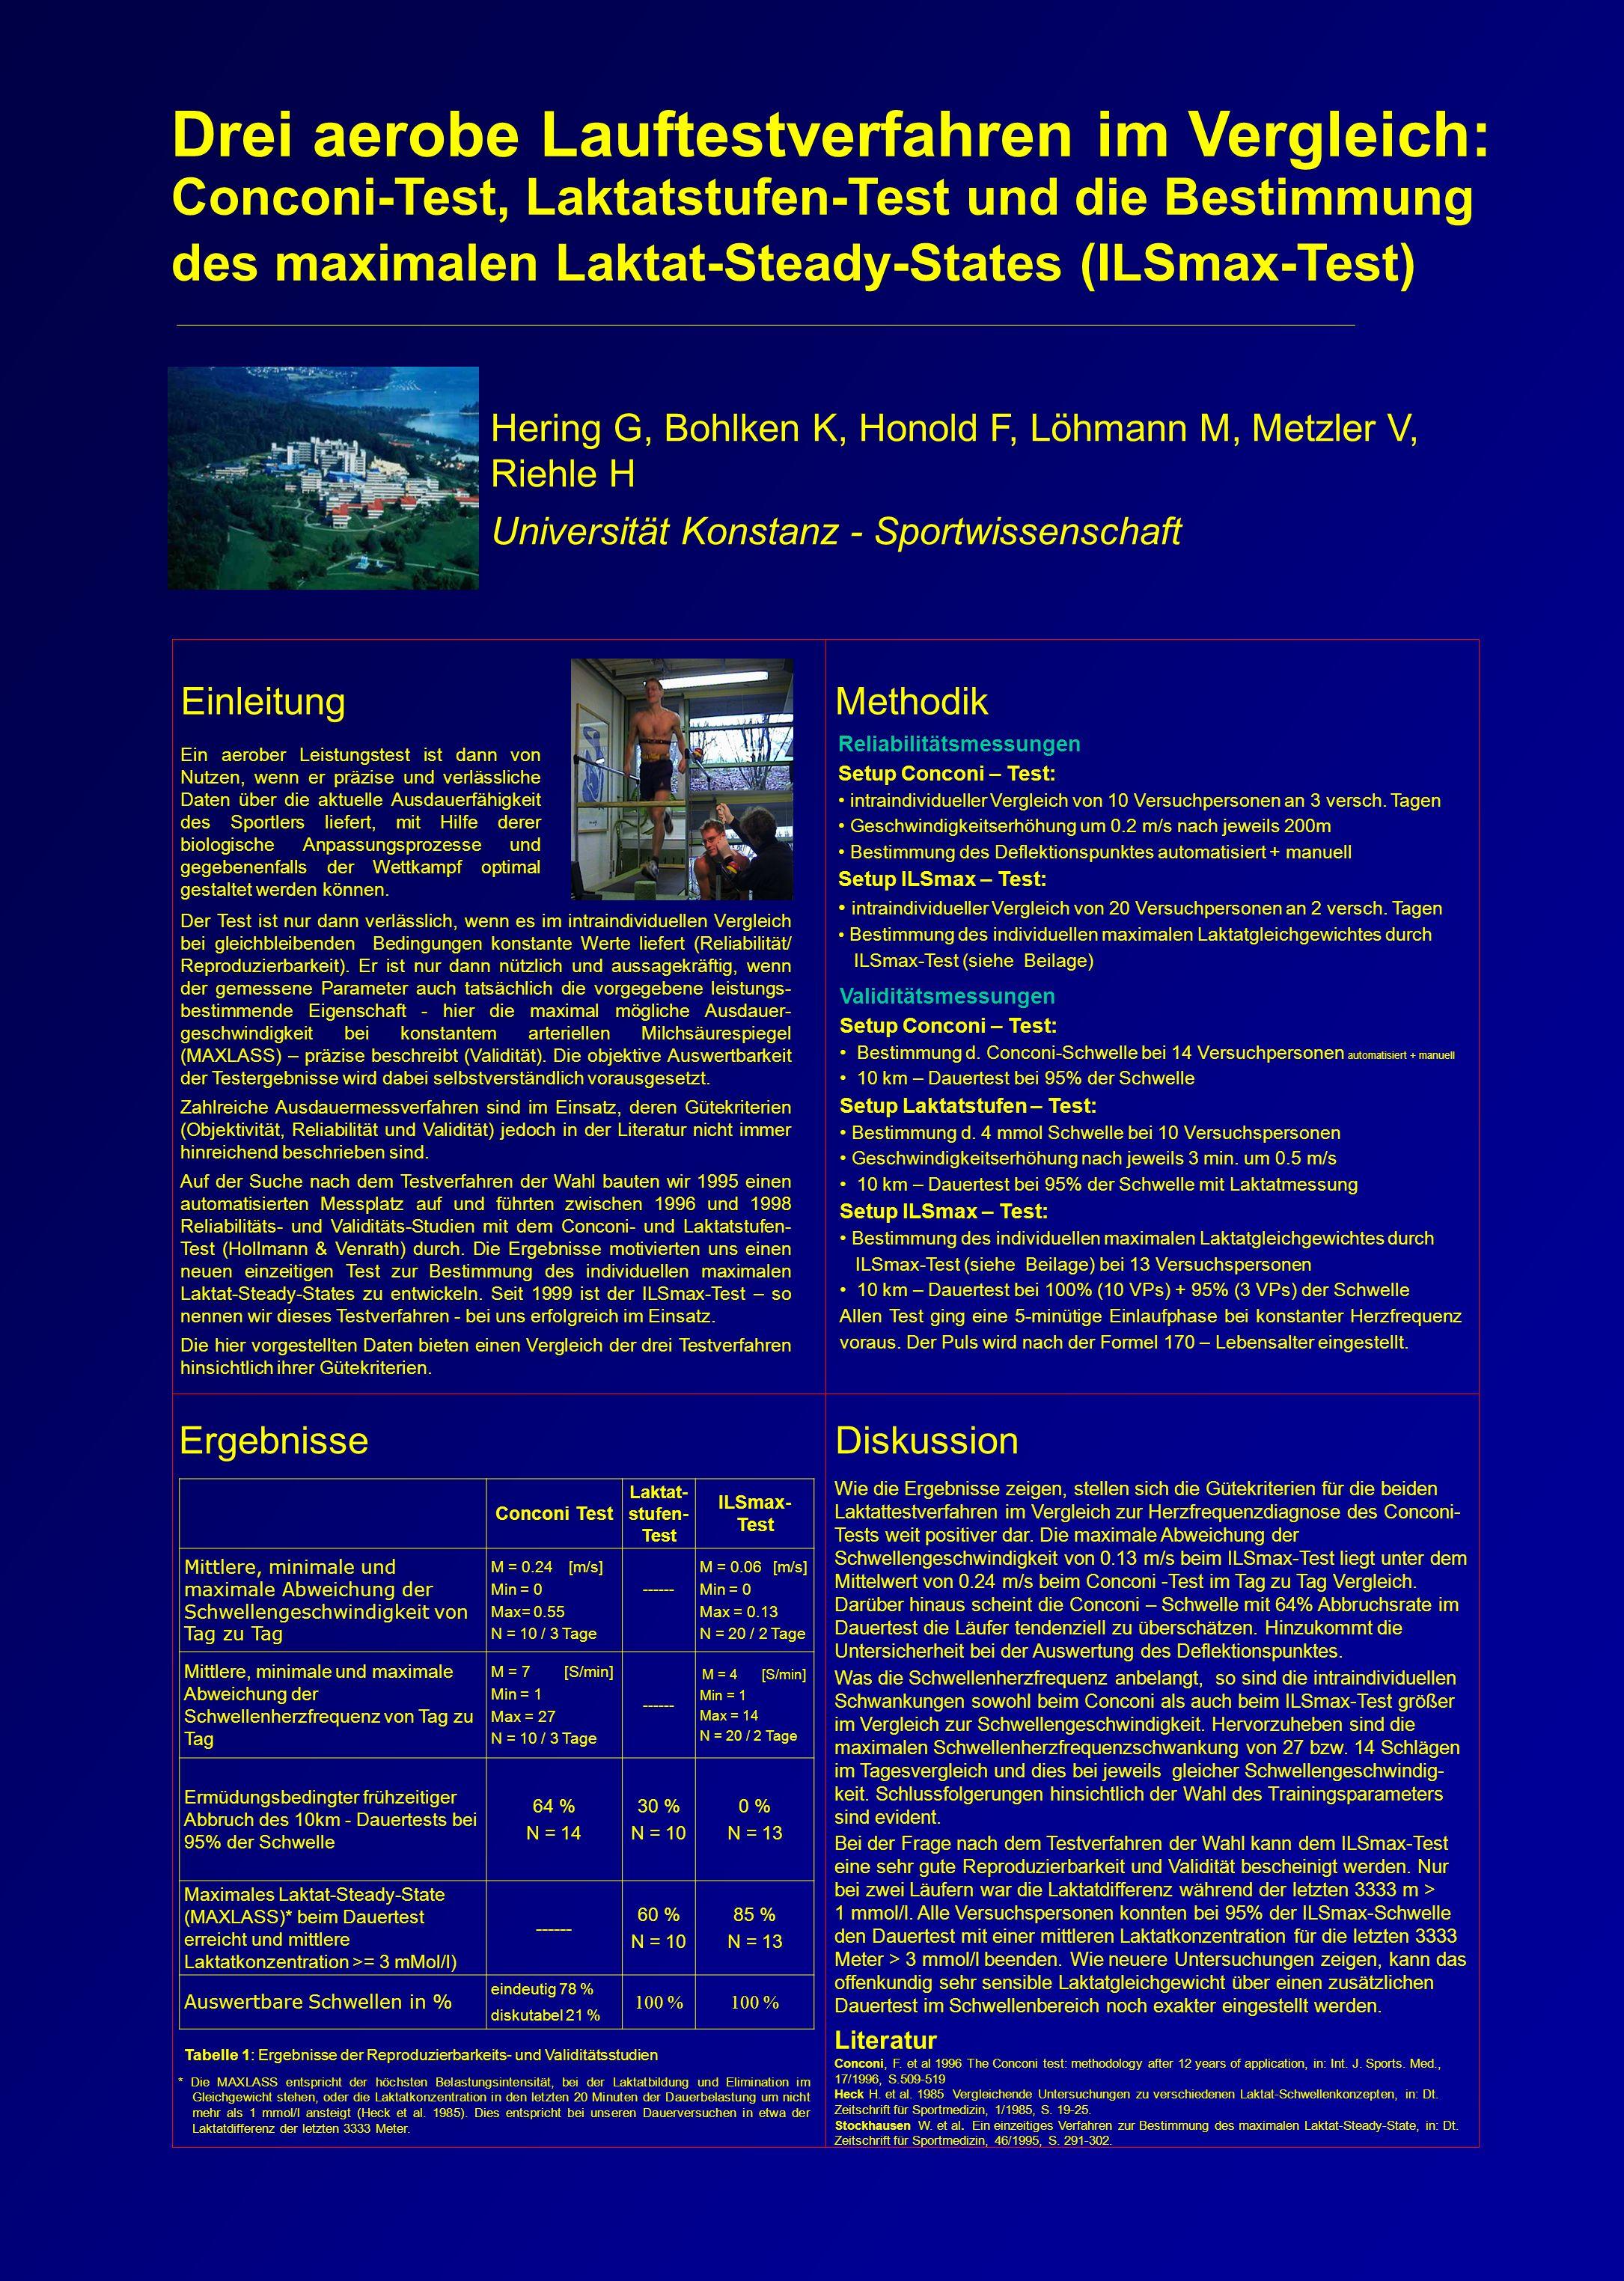 Drei aerobe Lauftestverfahren im Vergleich: Conconi-Test, Laktatstufen-Test und die Bestimmung des maximalen Laktat-Steady-States (ILSmax-Test)